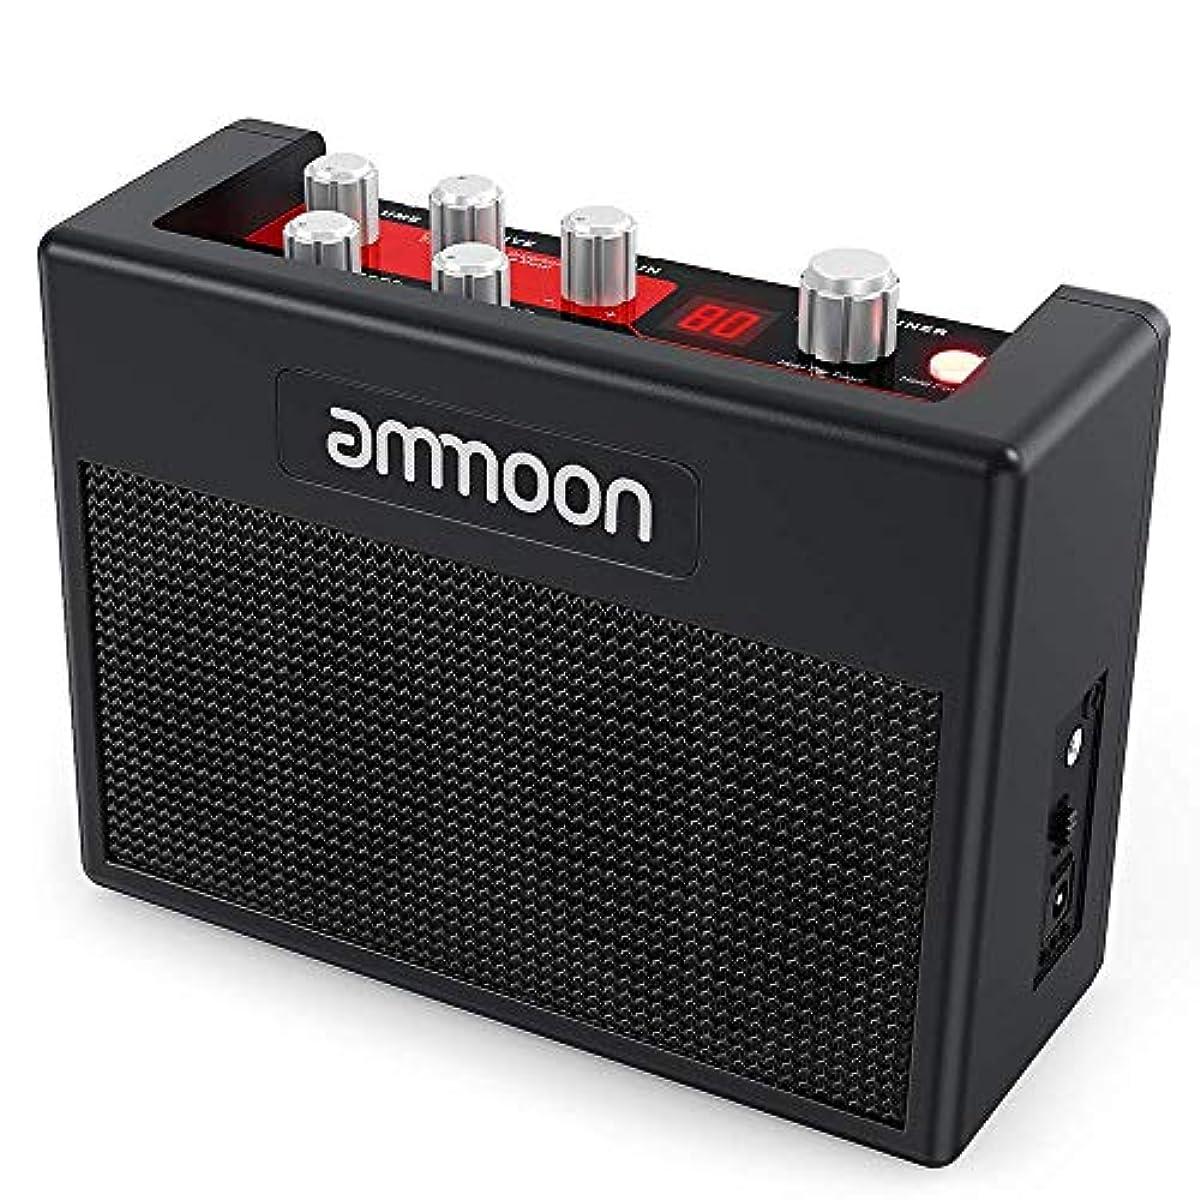 [해외] AMMOON 기타 앰프 멀티 이펙트 소형 포터블 앰프 내장 80드럼 리듬 5W 튜너 탭 템포 기능을 서포트 AUX입력 헤드폰 출력 전원 어댑터 부속 POCKAMP